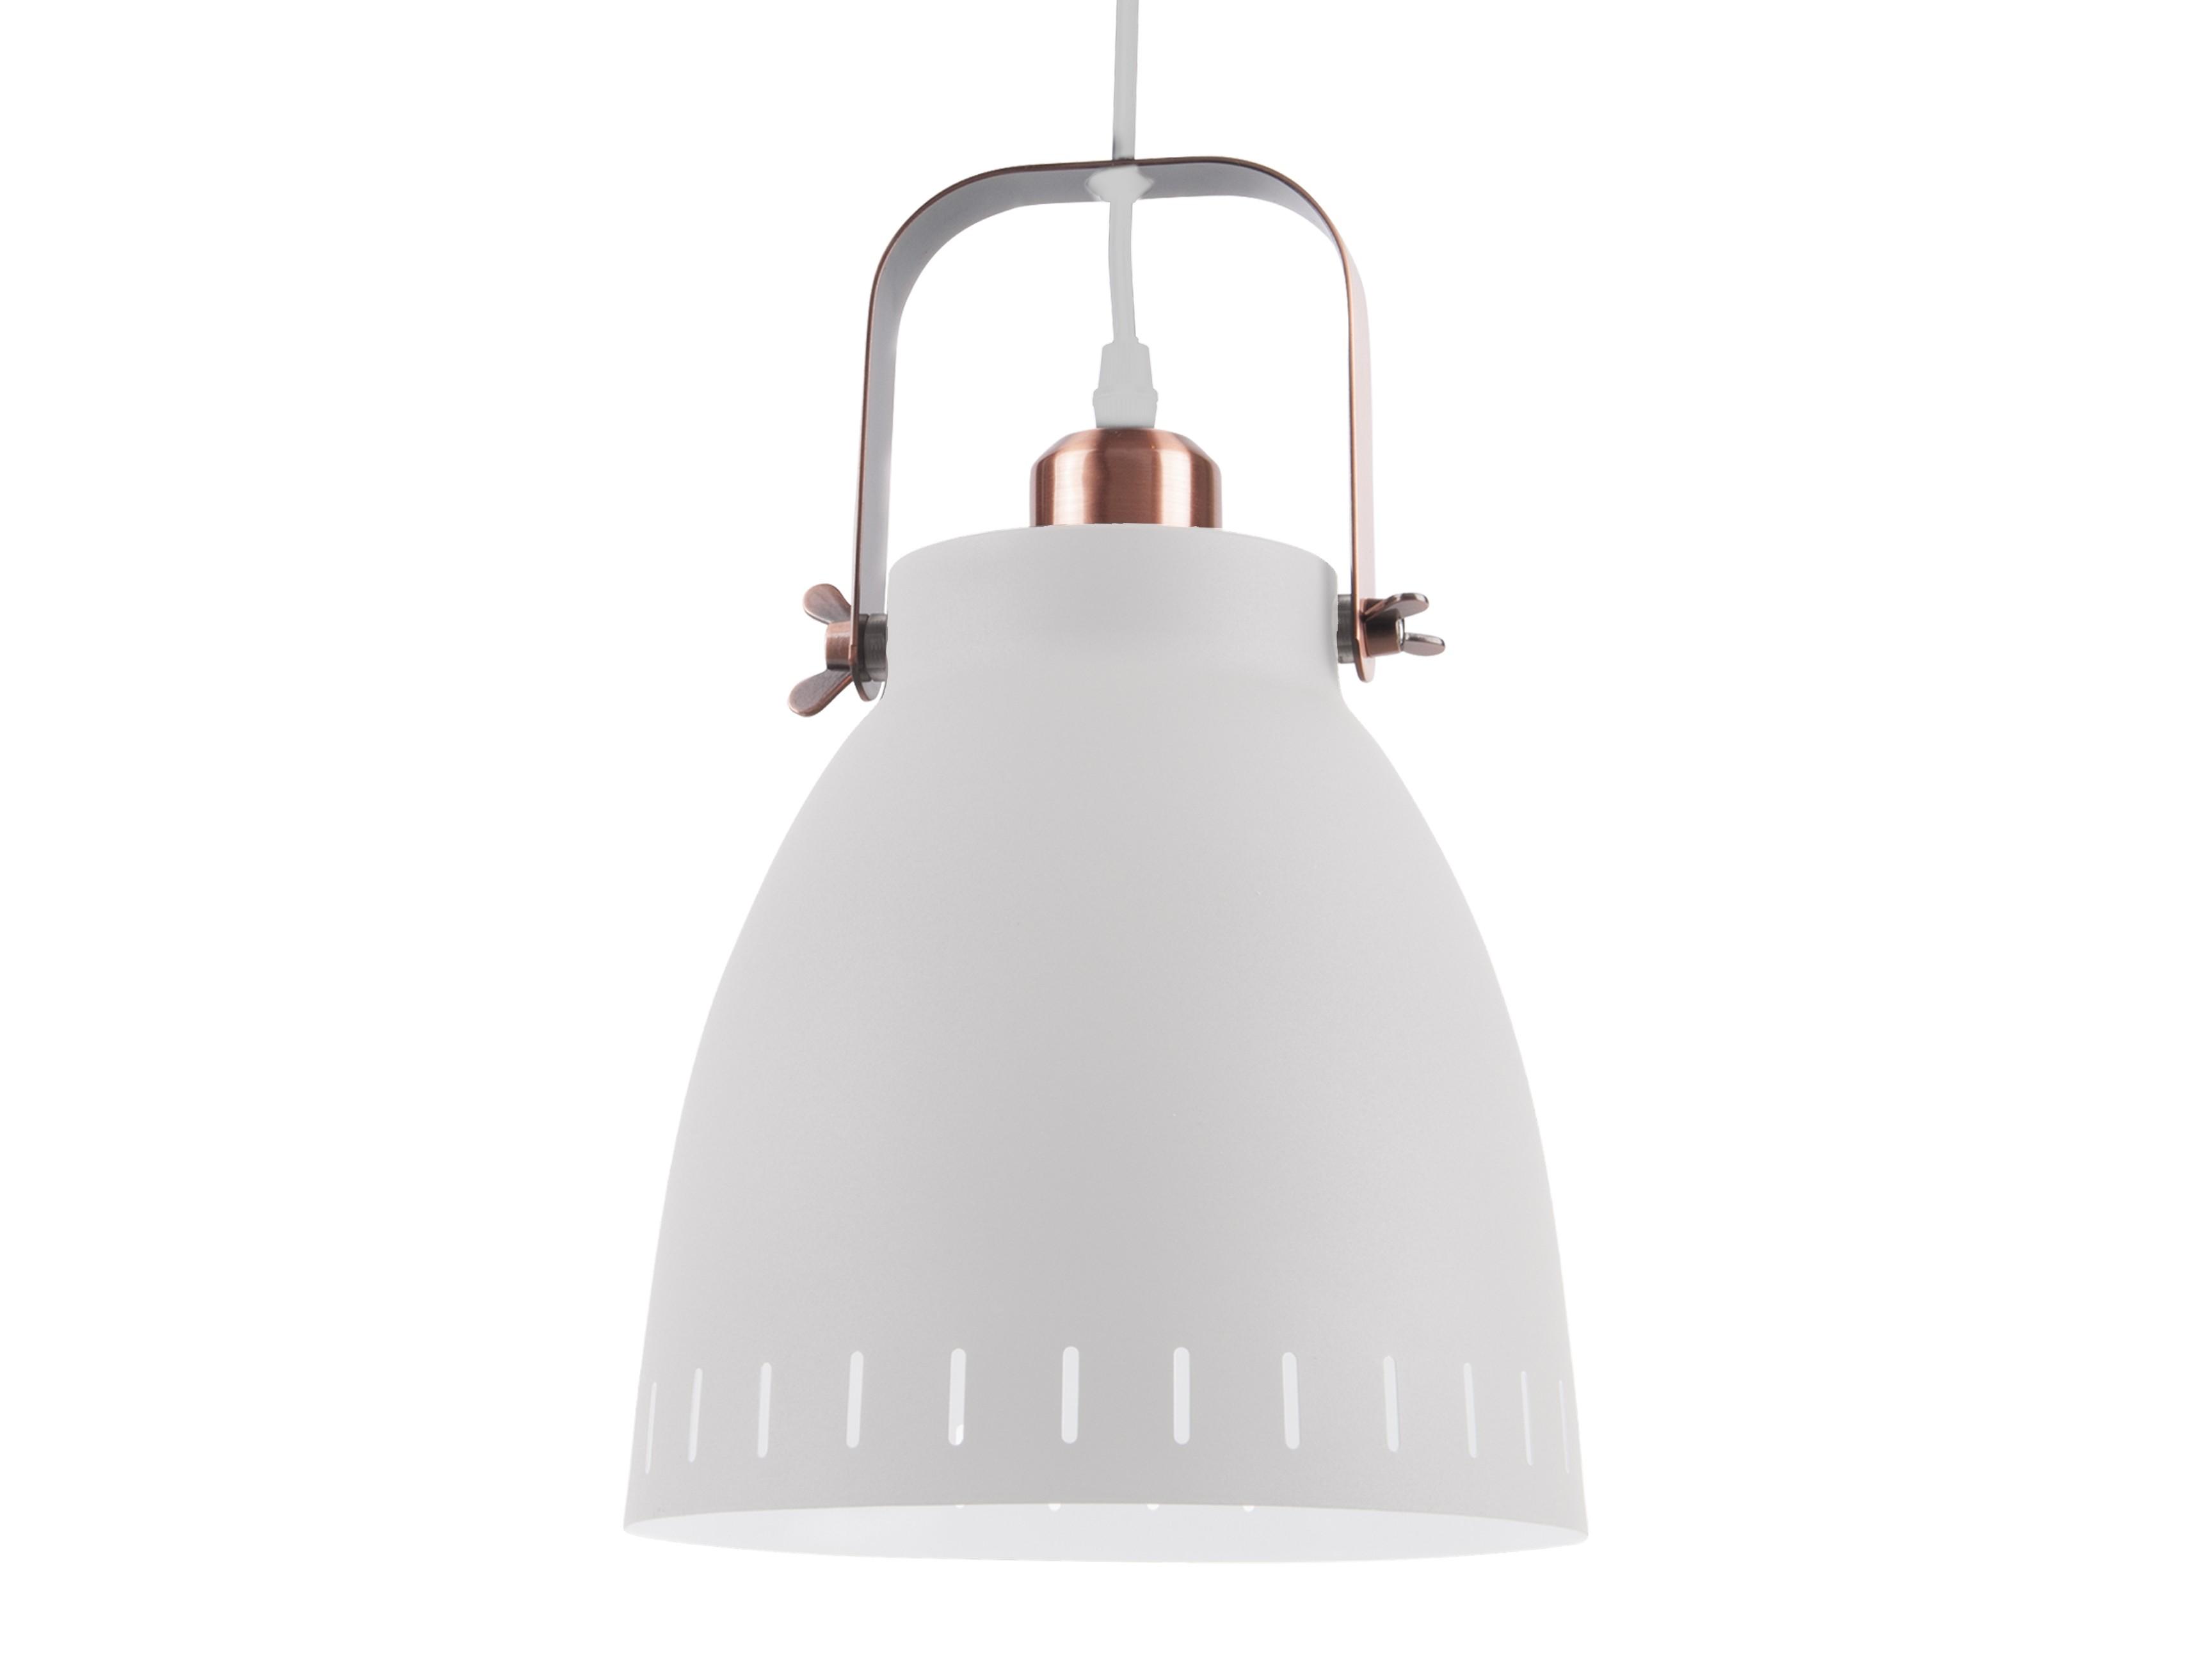 Leitmotiv Retro Hanglamp Mingle Wit - AllesinWonderland.nl